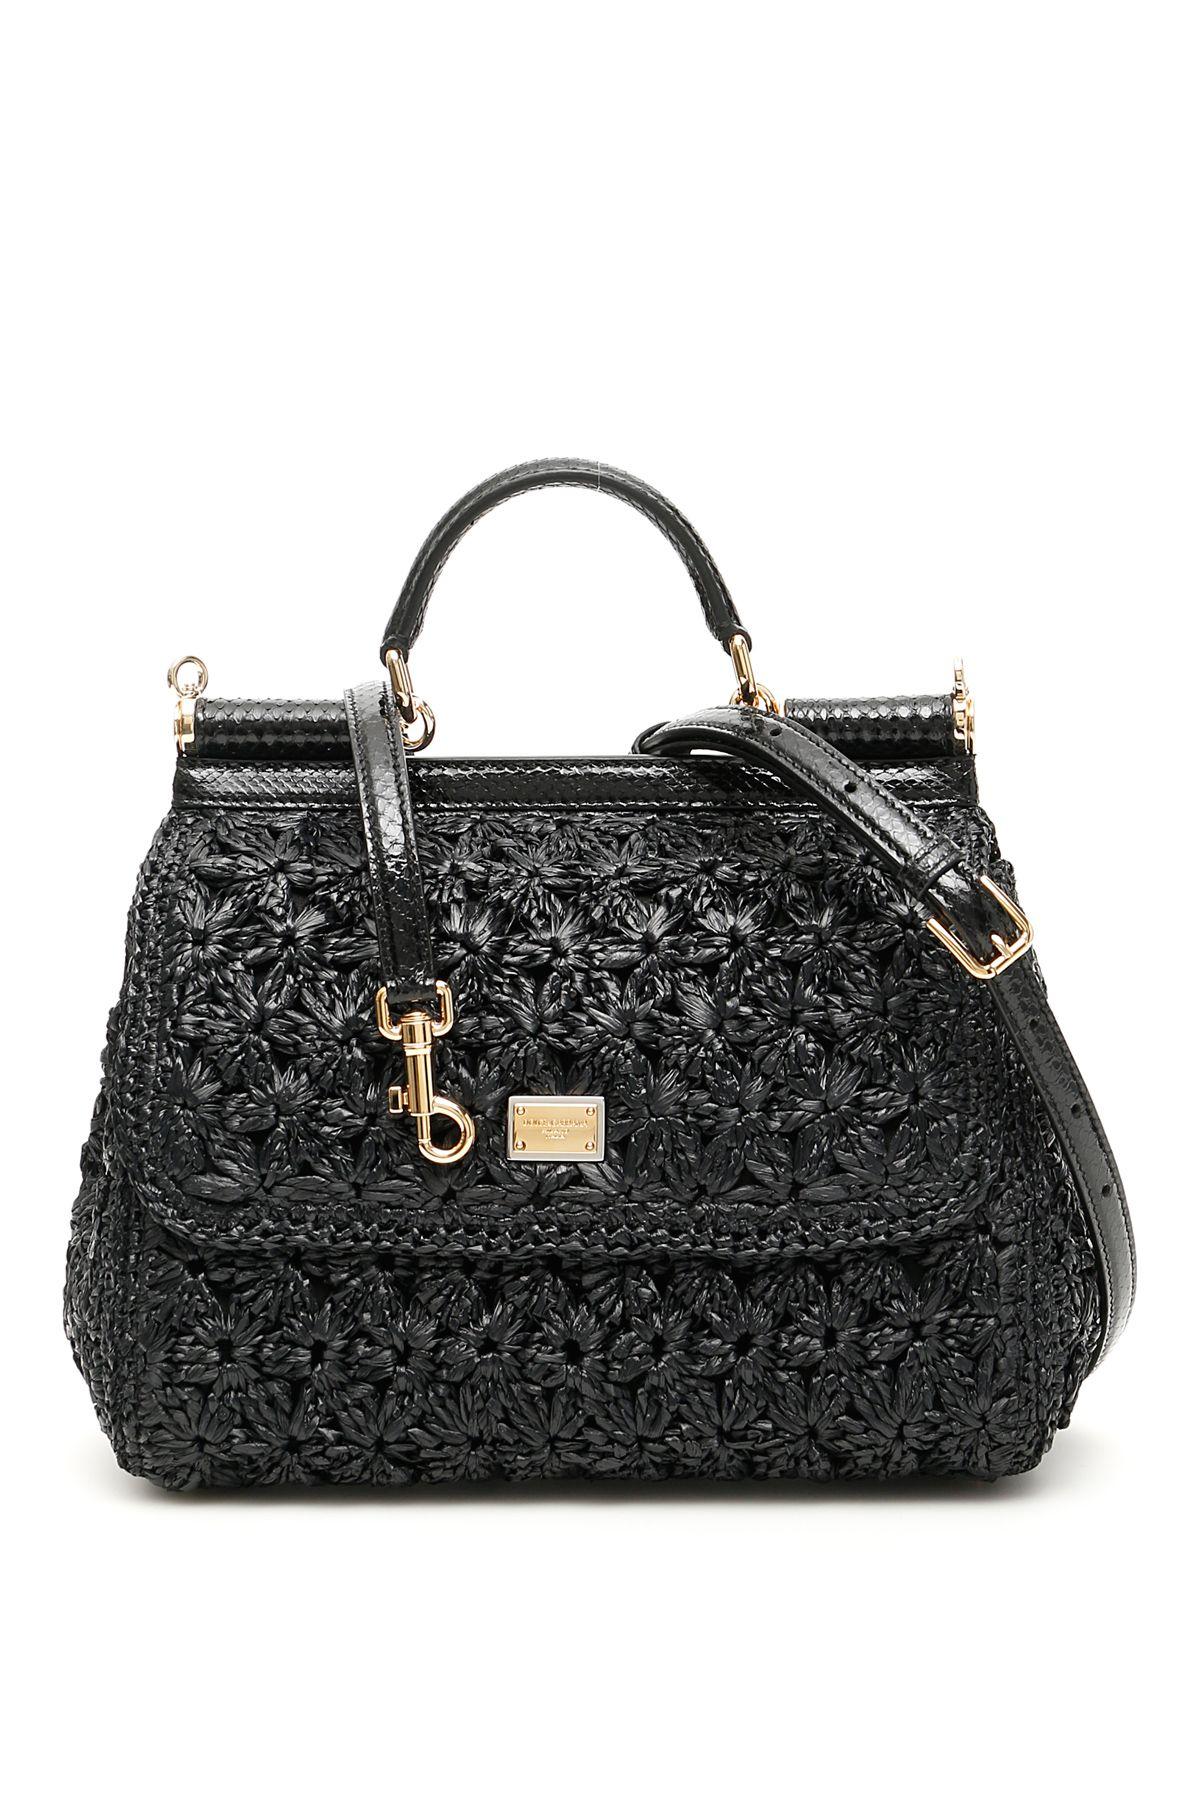 Dolce   Gabbana Dolce   Gabbana Crochet Raffia Sicily Bag - NERO ... 332f0b54dfd55